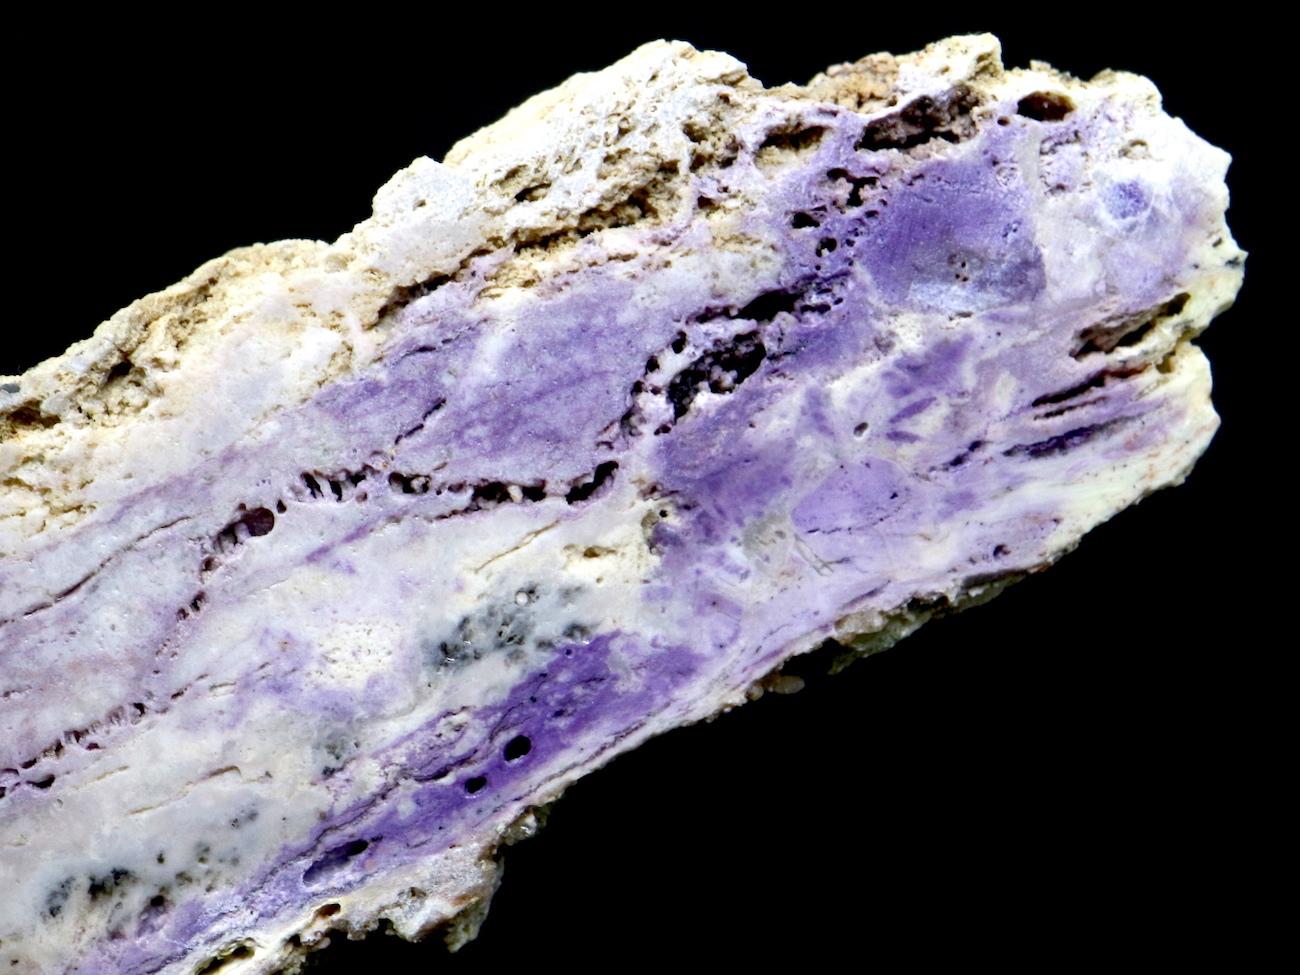 超希少!ティファニーストーン 原石 ユタ州産 48,8g 鉱物 TF042 原石 天然石 鉱物 パワーストーン